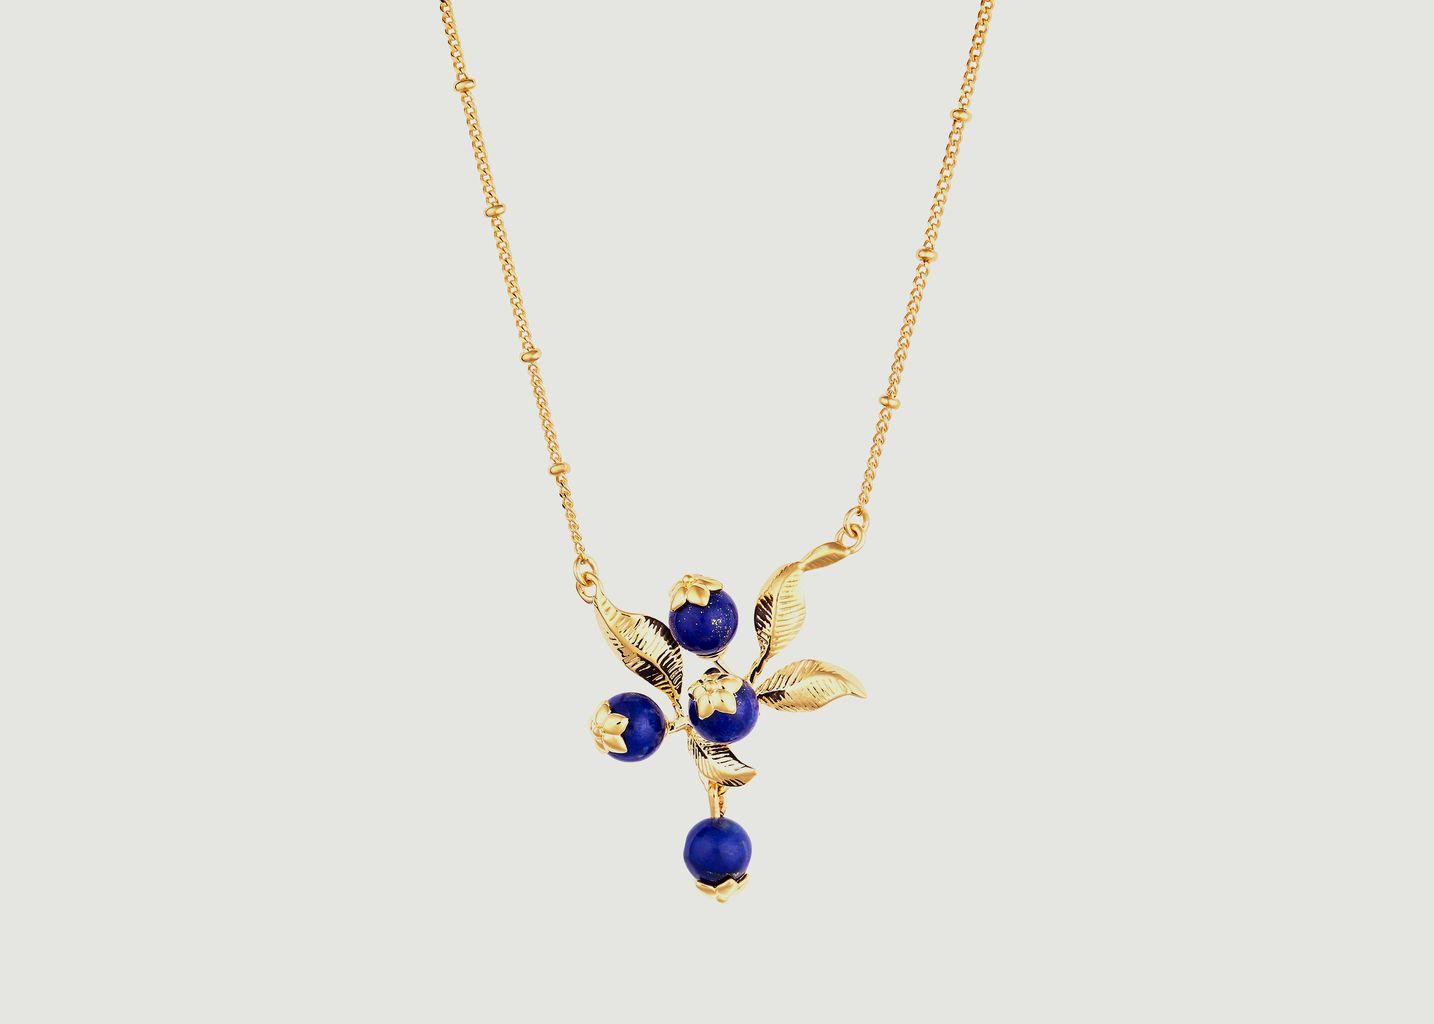 Collier pendentif grappe de myrtilles - Les Néréides